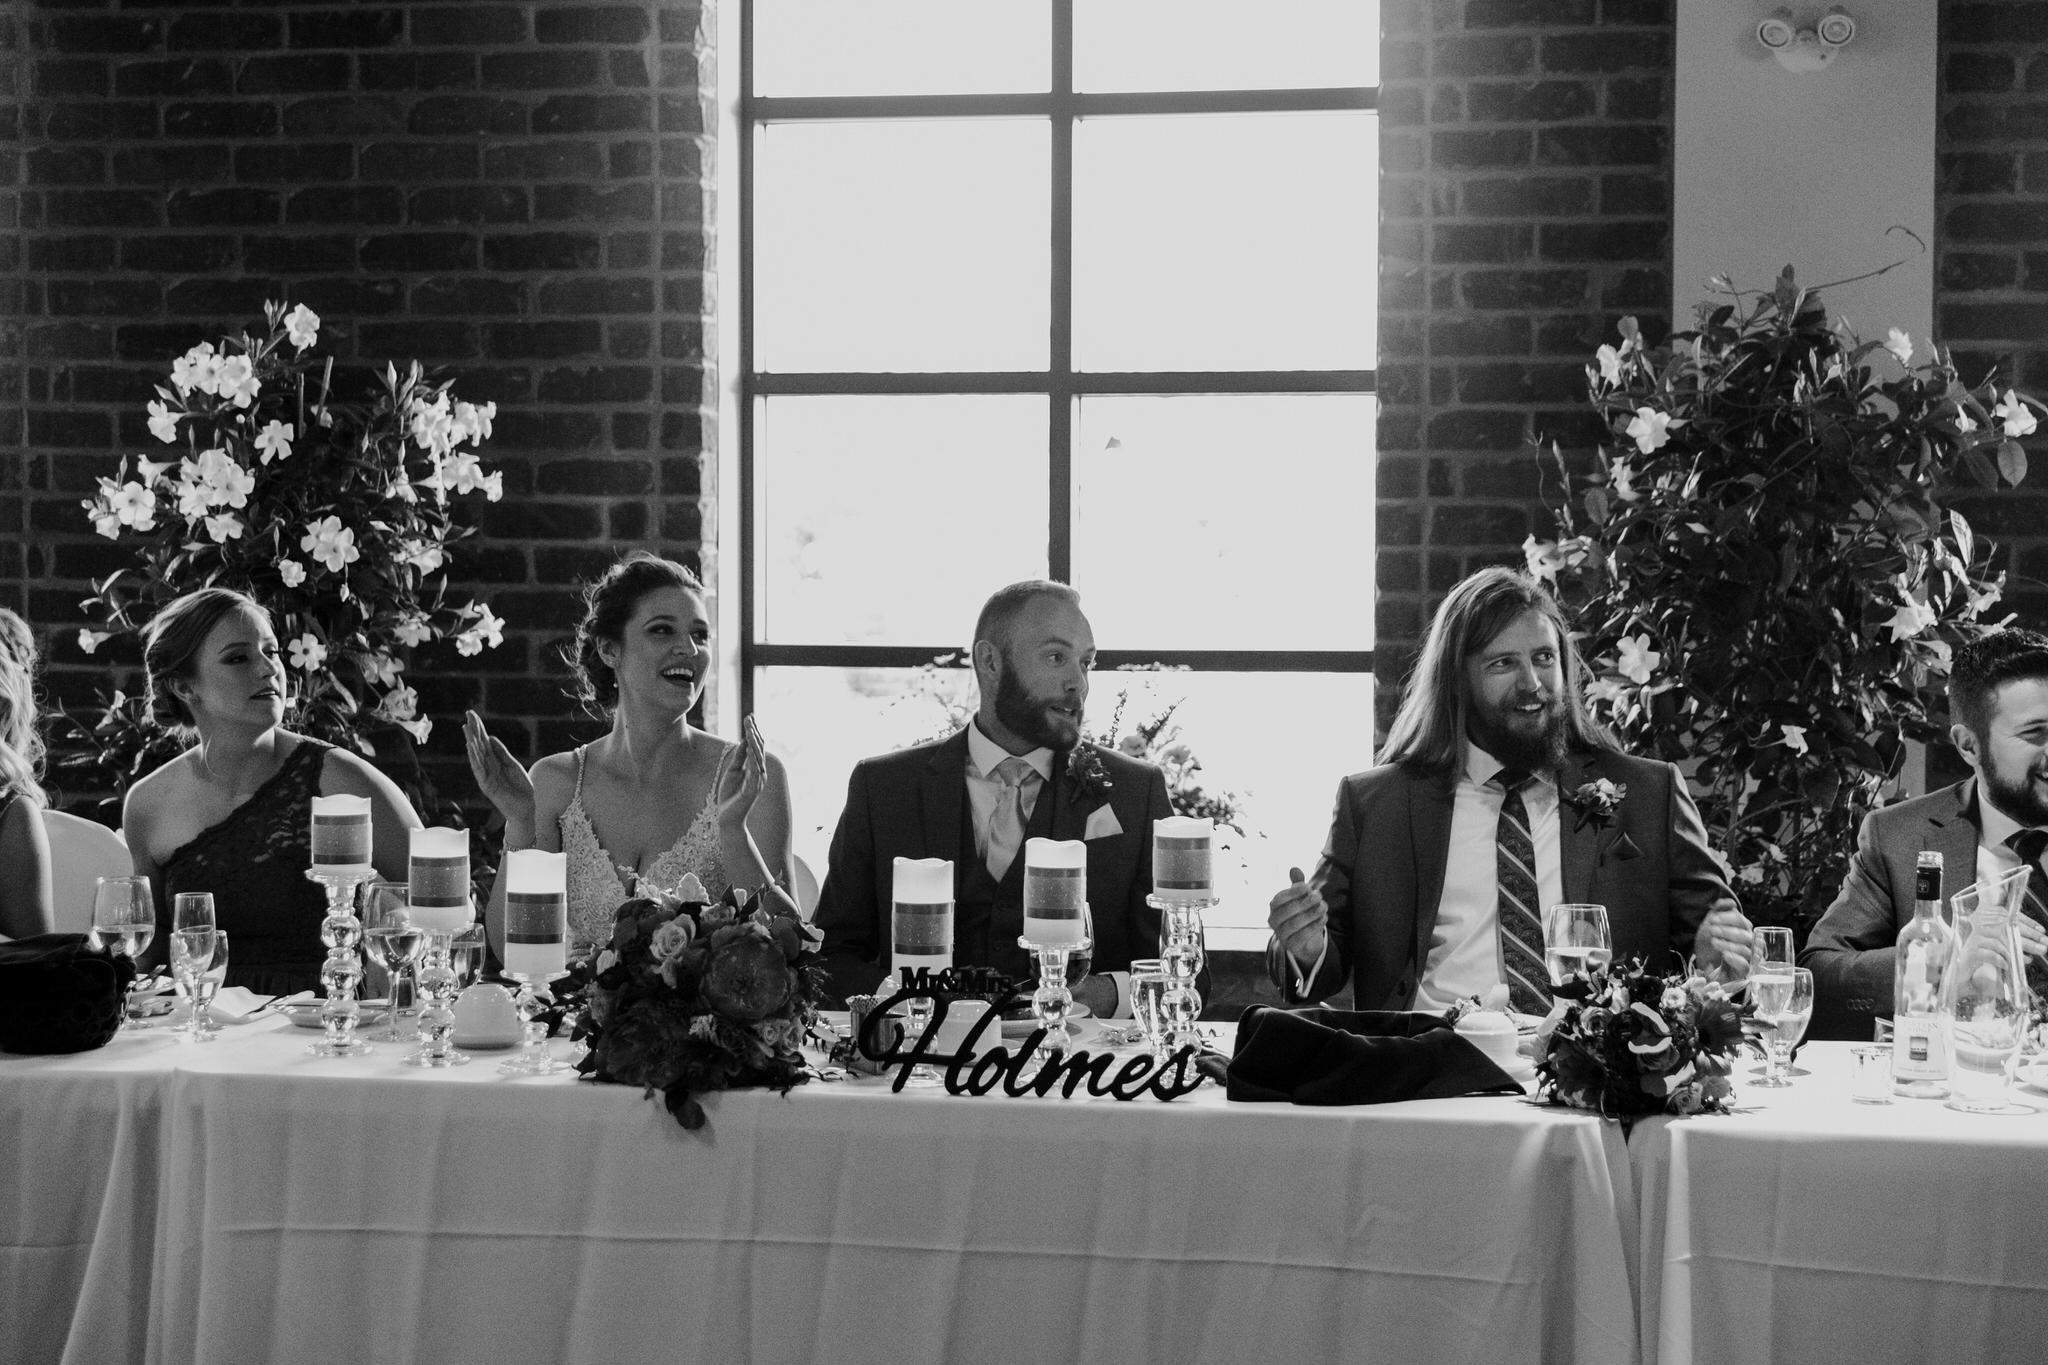 Brock Street Brewery Wedding - speech reactions